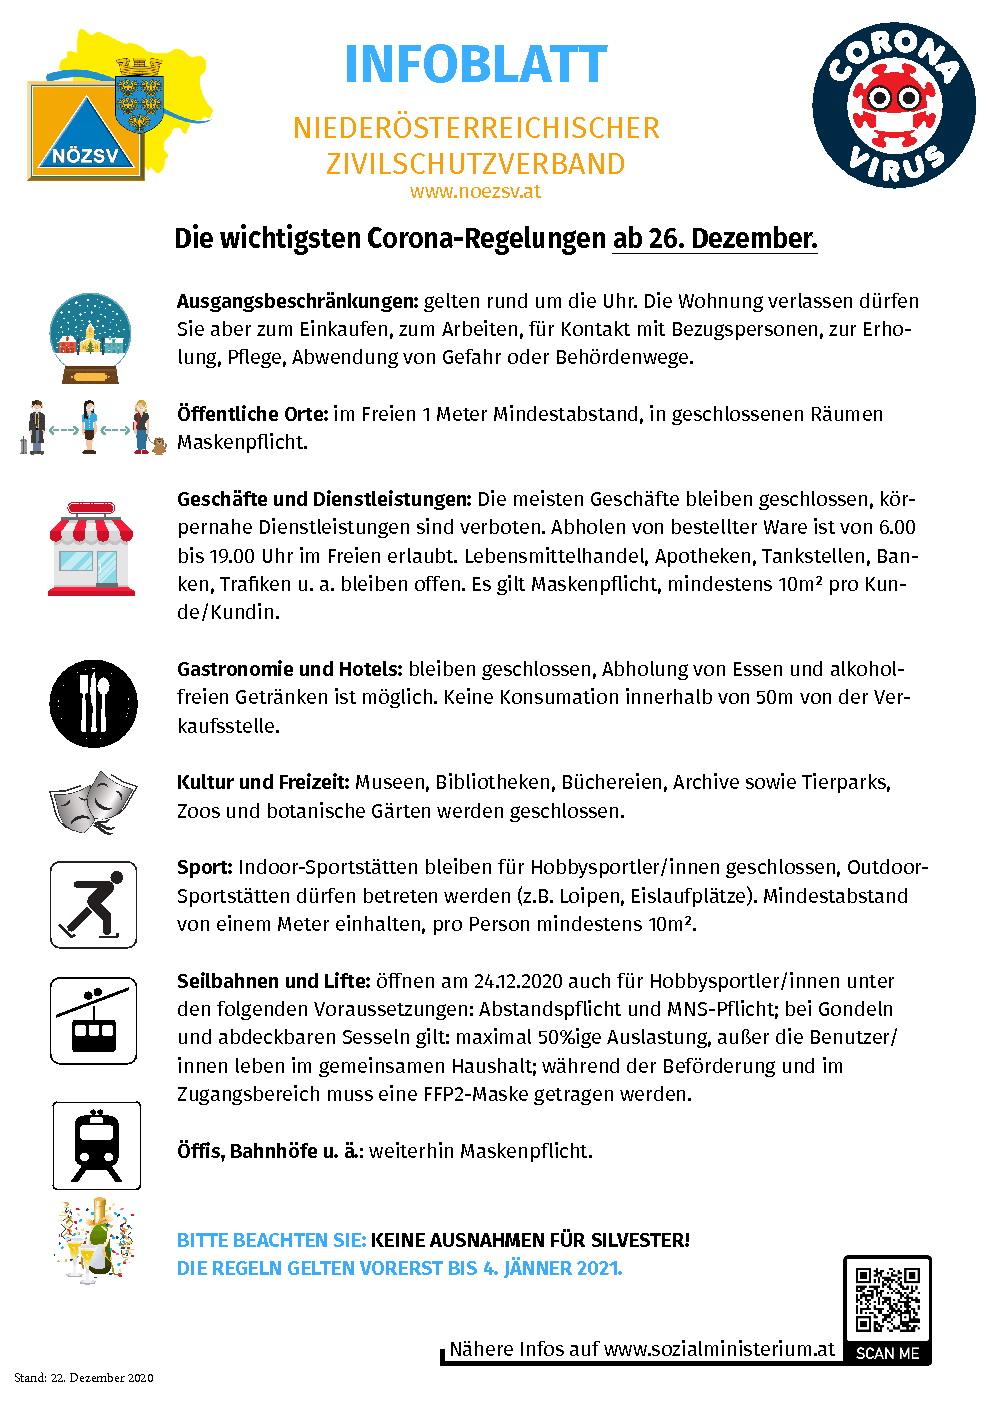 NOEZSV Regeln ab 26 Dezember 2020